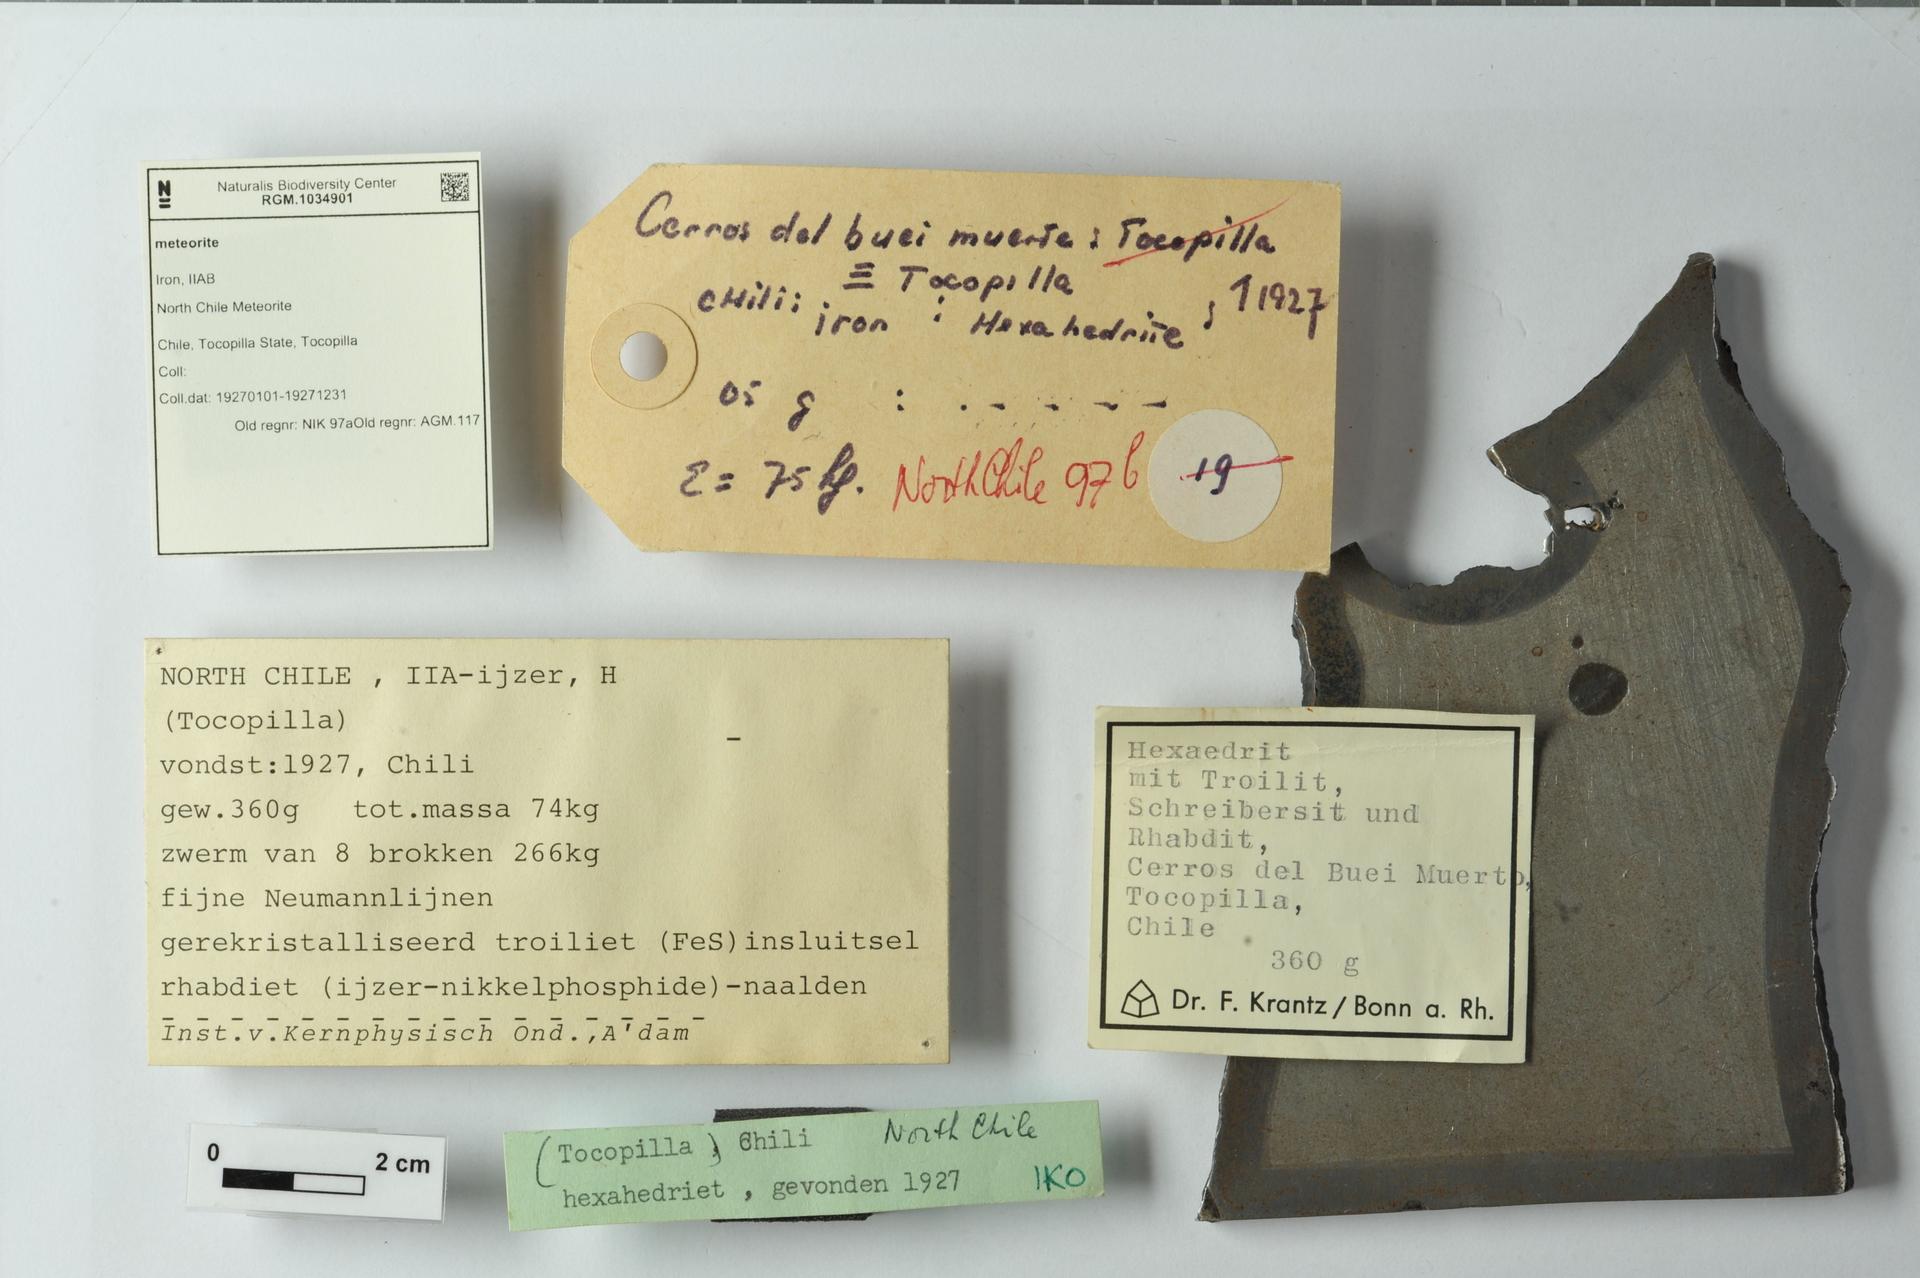 RGM.1034901 | Iron, IIAB